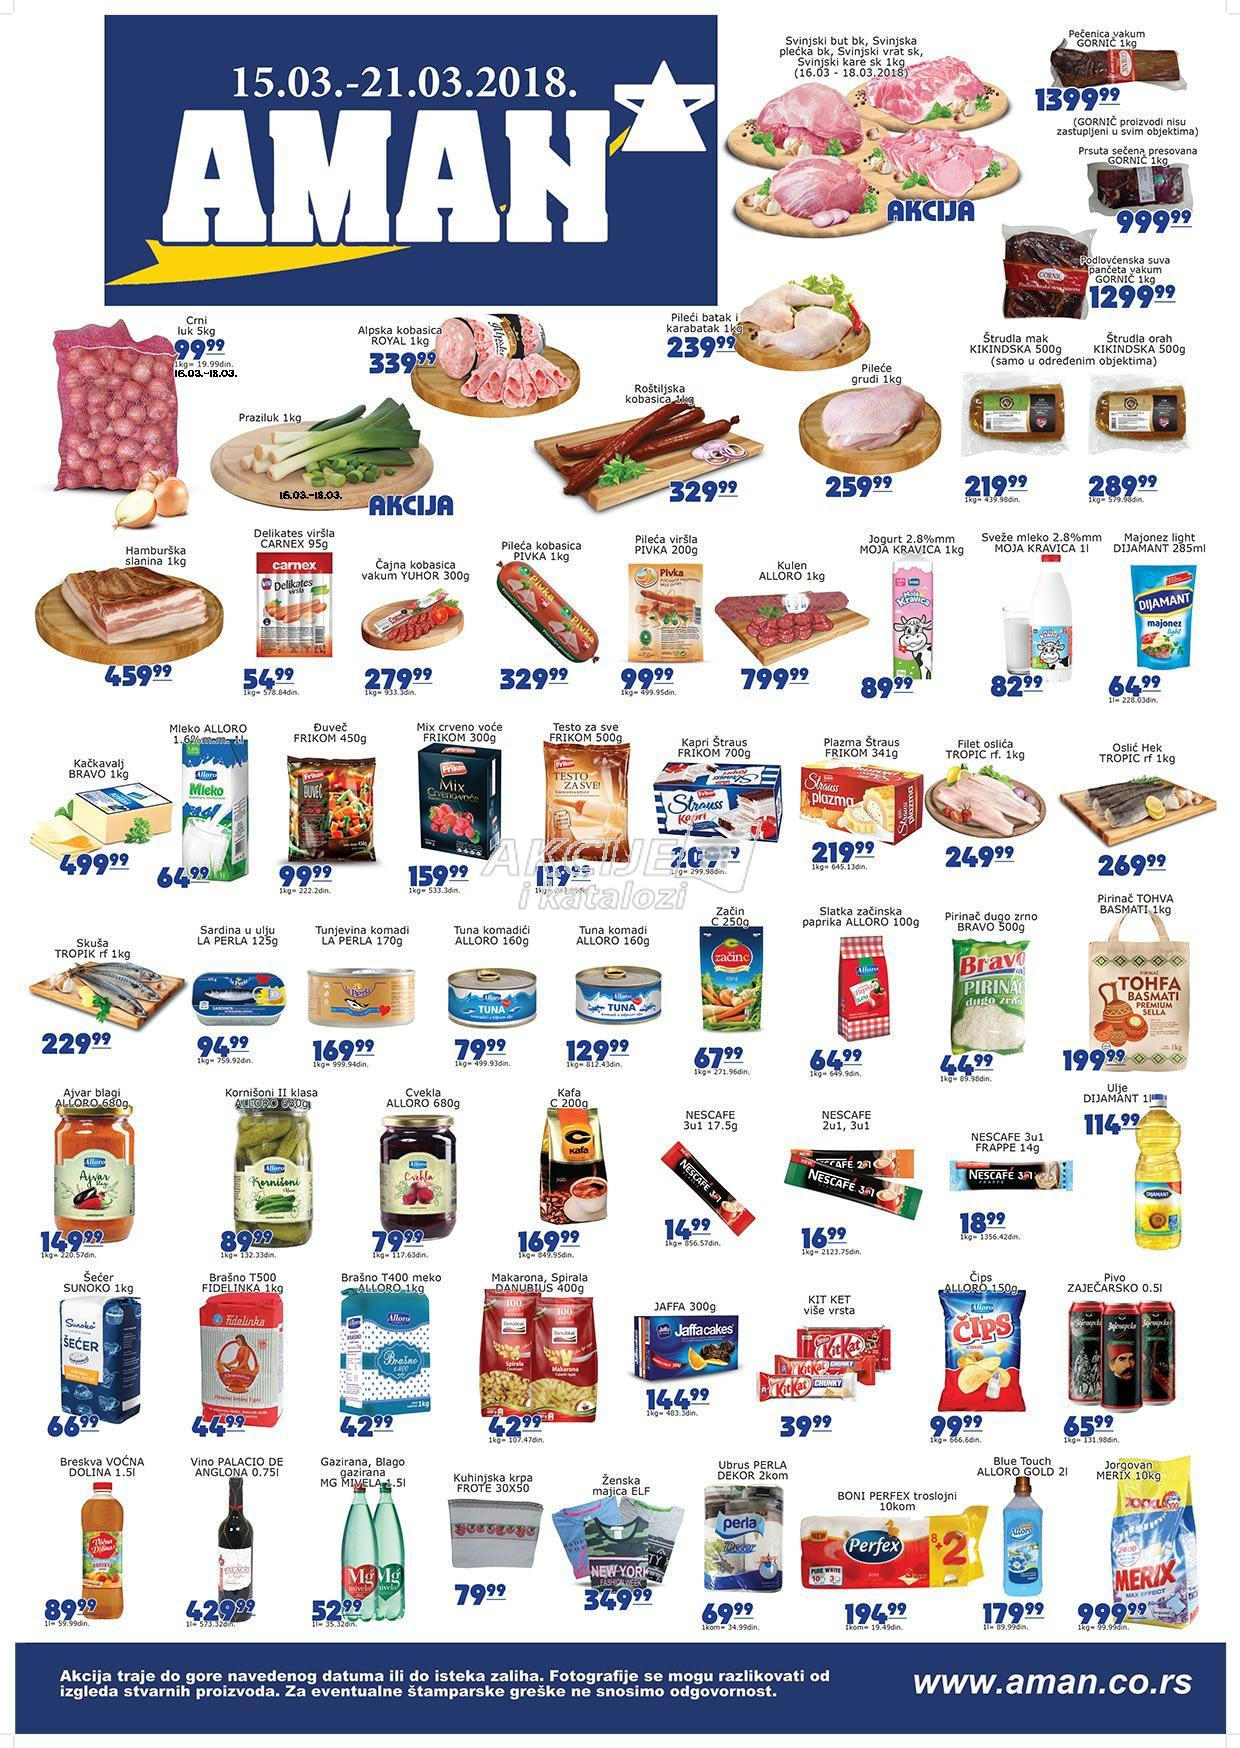 Aman - Redovna akcija nedeljne kupovine